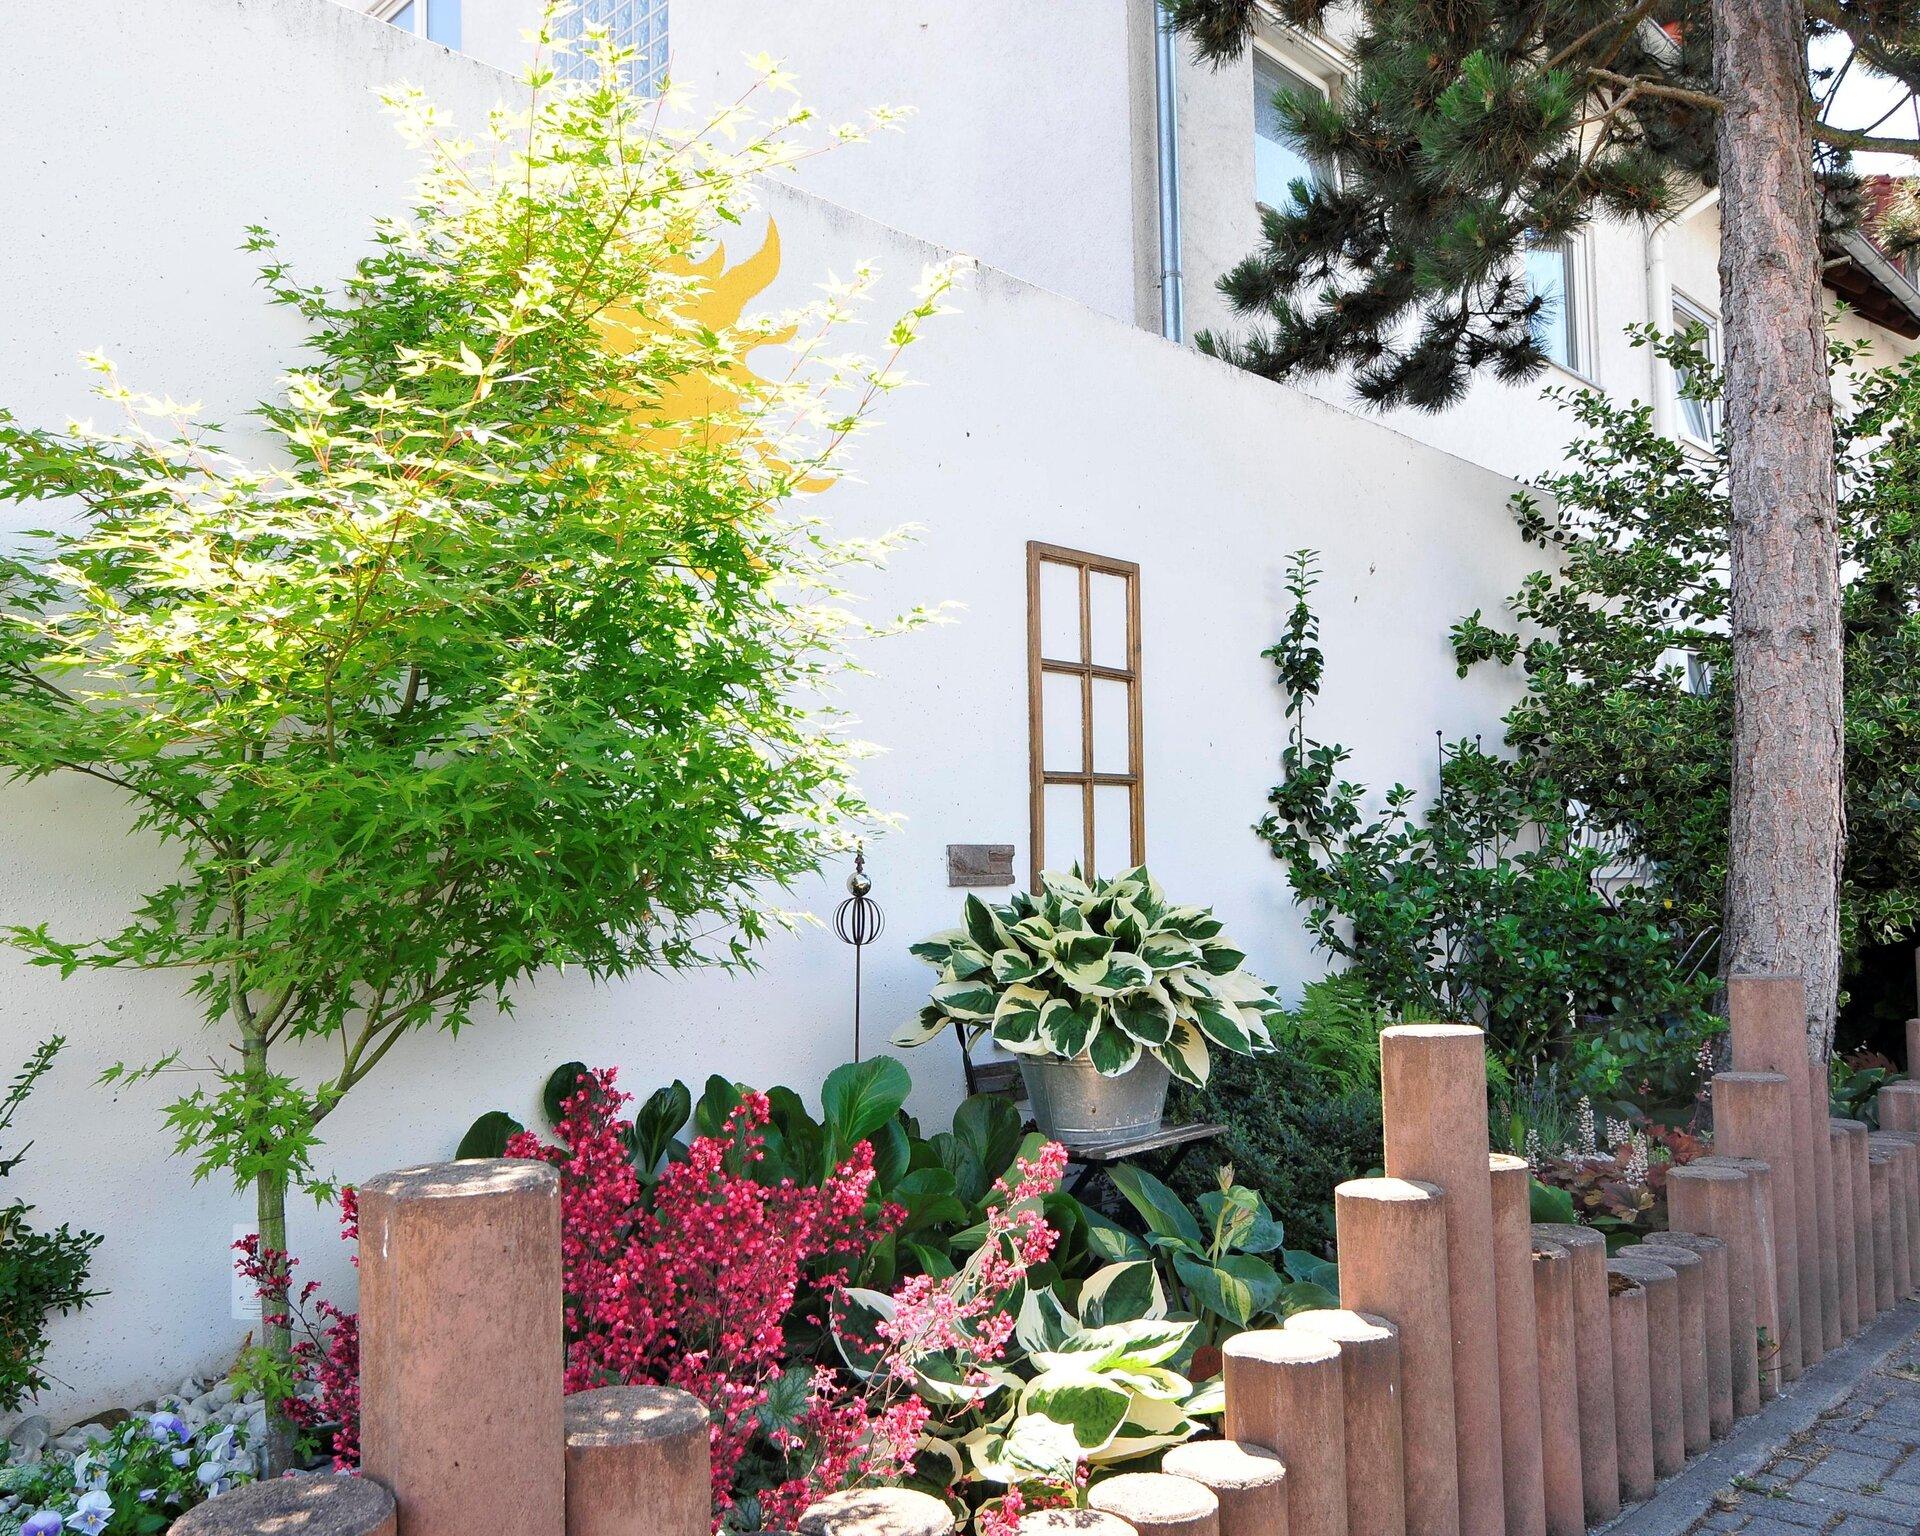 Vorgarten in Dörnigheim